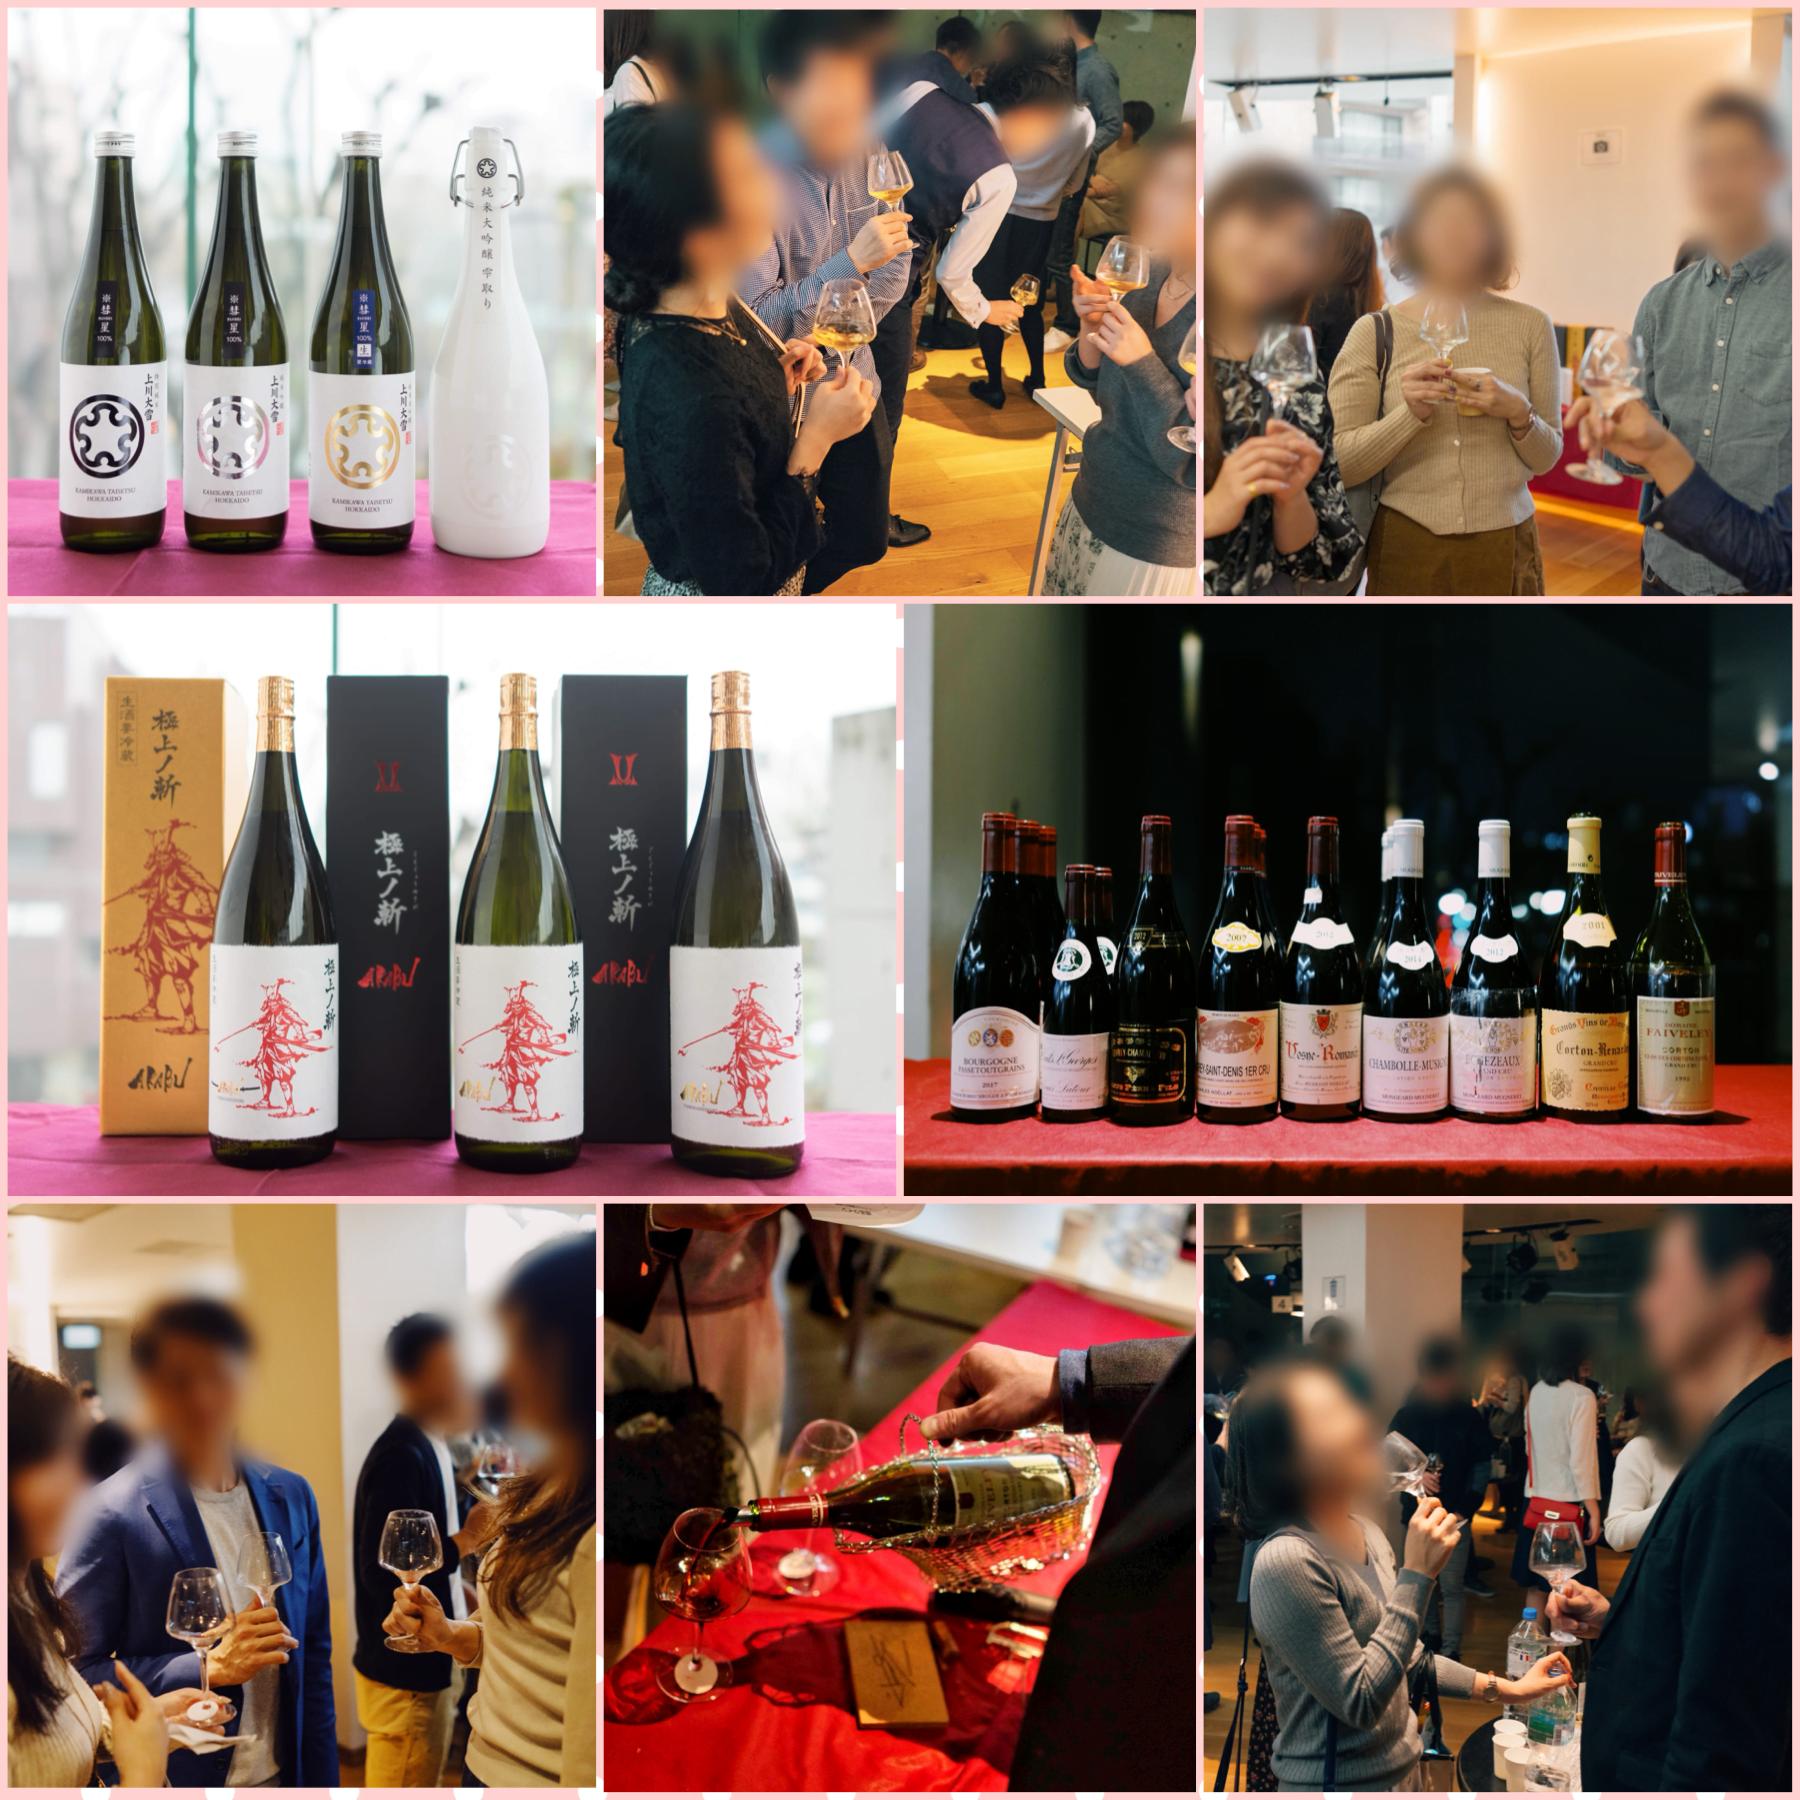 【開催レポート】2月15日(土) 独身限定日本酒会 & ワイン会